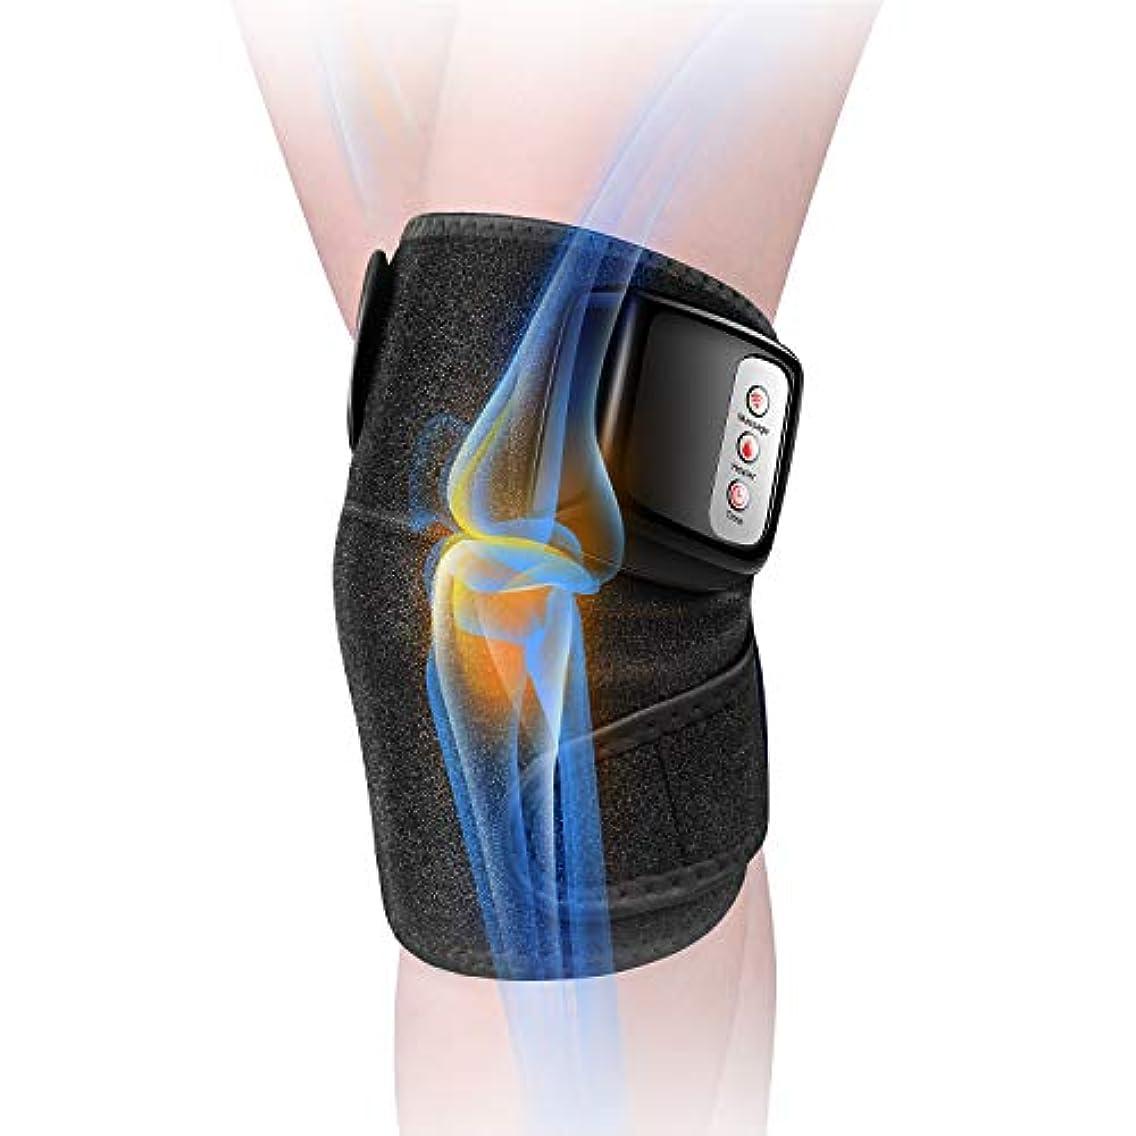 舗装するグッゲンハイム美術館引き受ける膝マッサージャー 関節マッサージャー マッサージ器 フットマッサージャー 振動 赤外線療法 温熱療法 膝サポーター ストレス解消 肩 太もも/腕対応